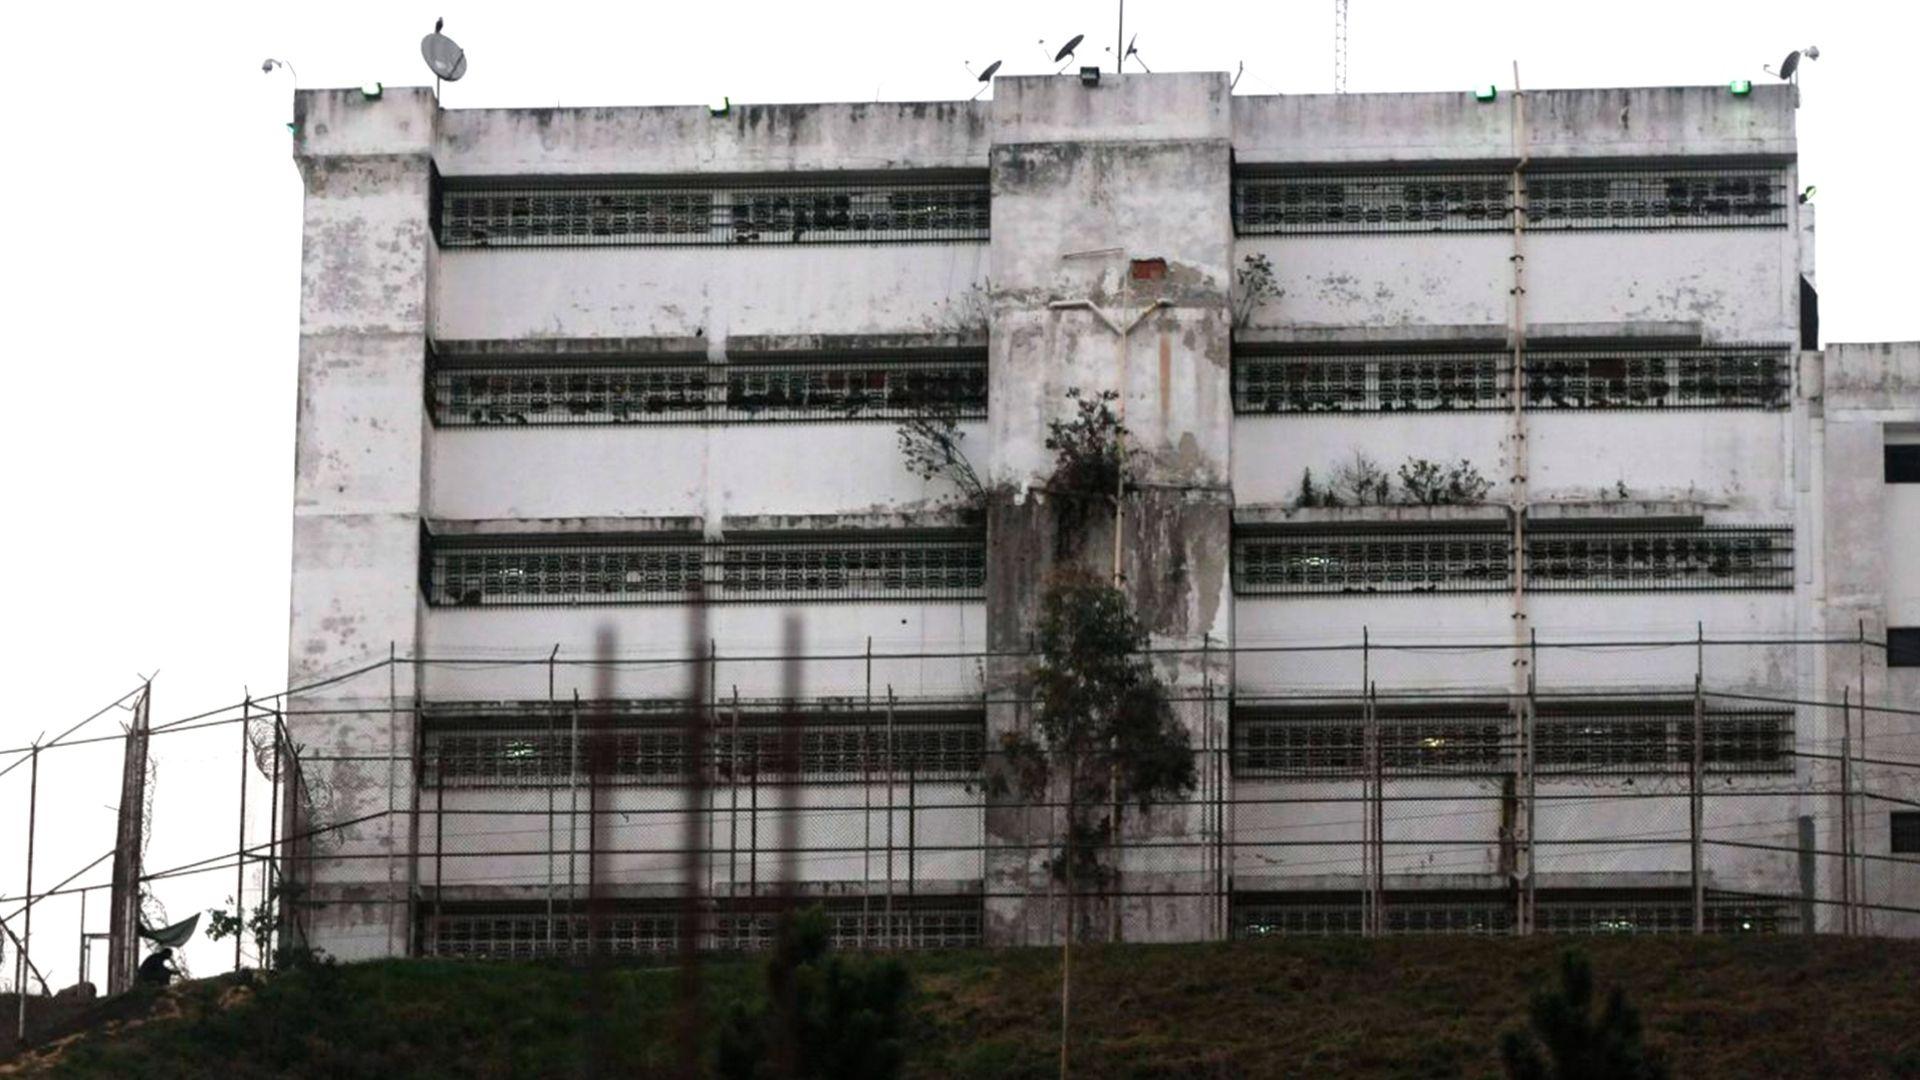 176 presos políticos desconocen su estatus procesal